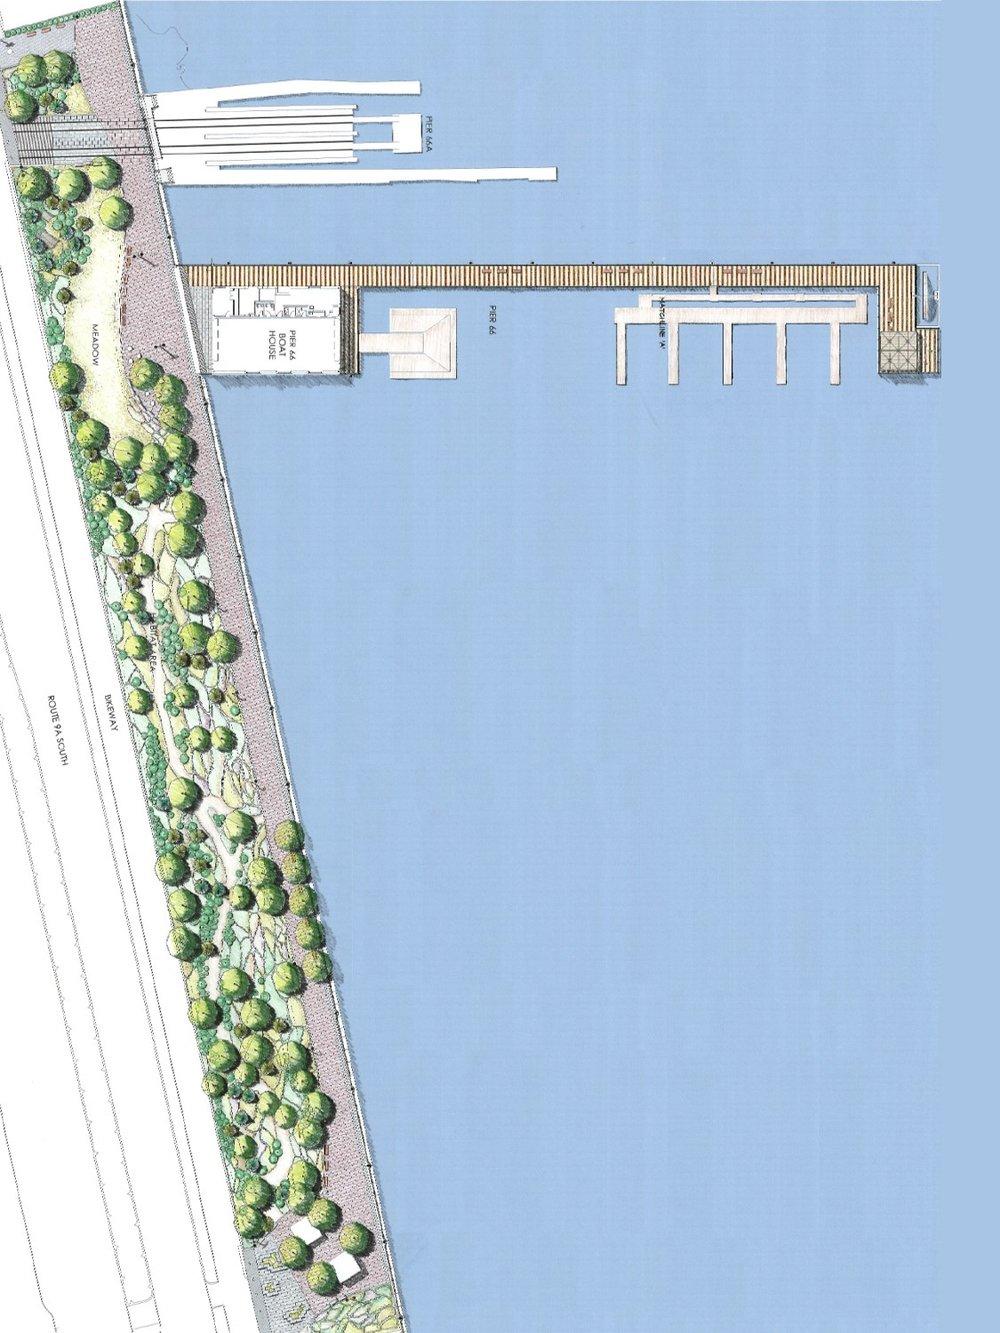 B_Pier 66 - Hudson River Park.jpg